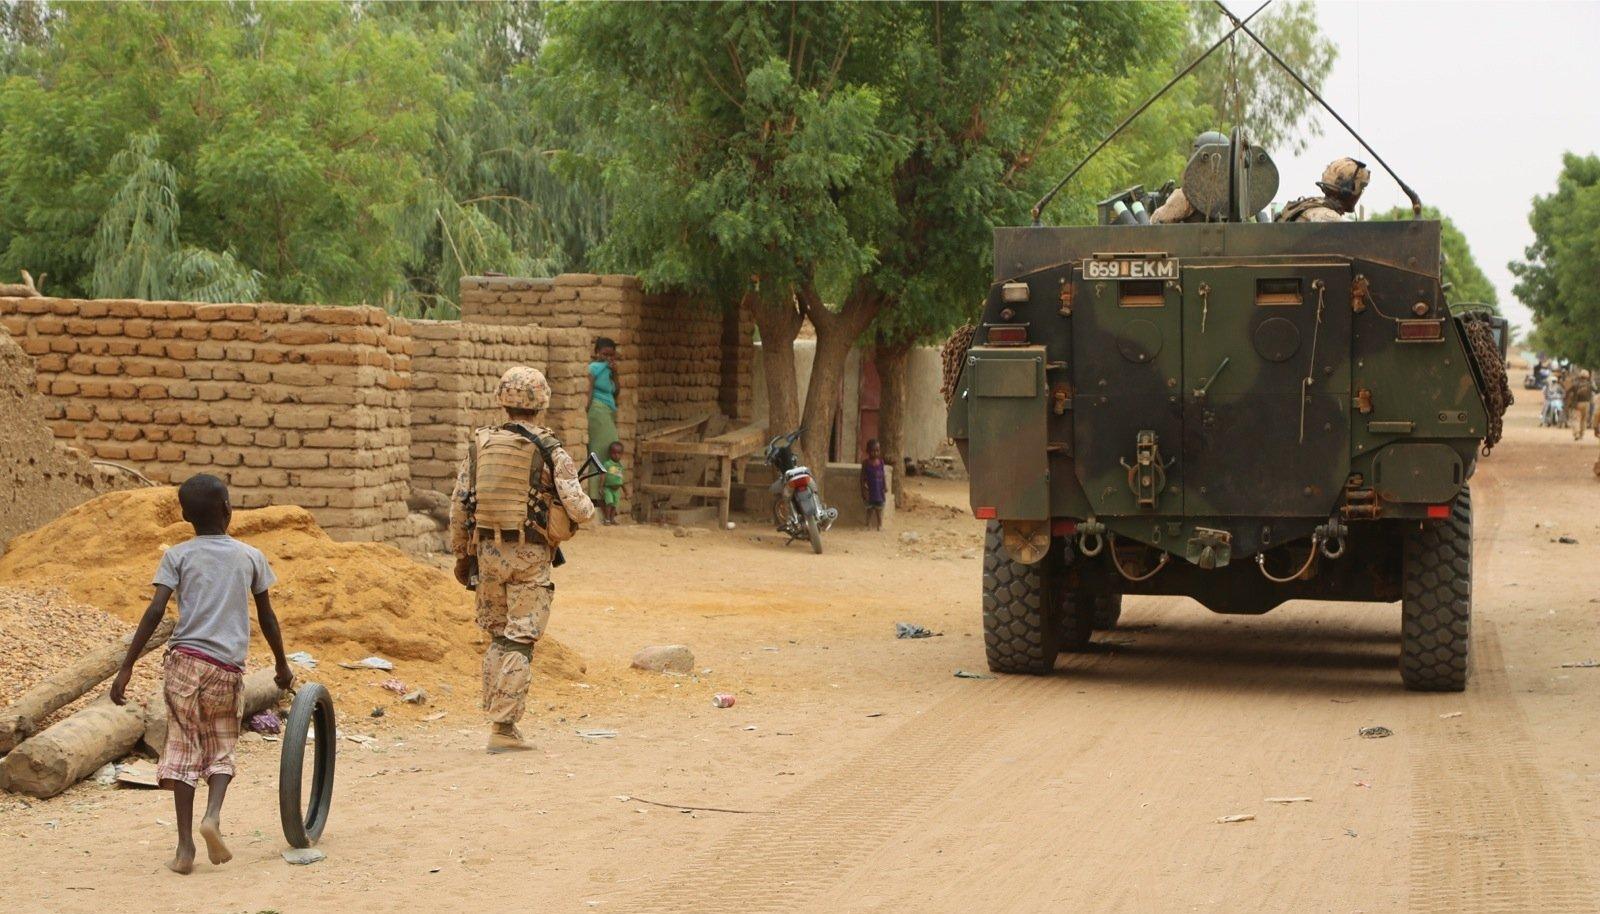 Tulevahetus ja autopomm Malis. Kõik ründajad said surma, kuus Eesti kaitseväelast viga